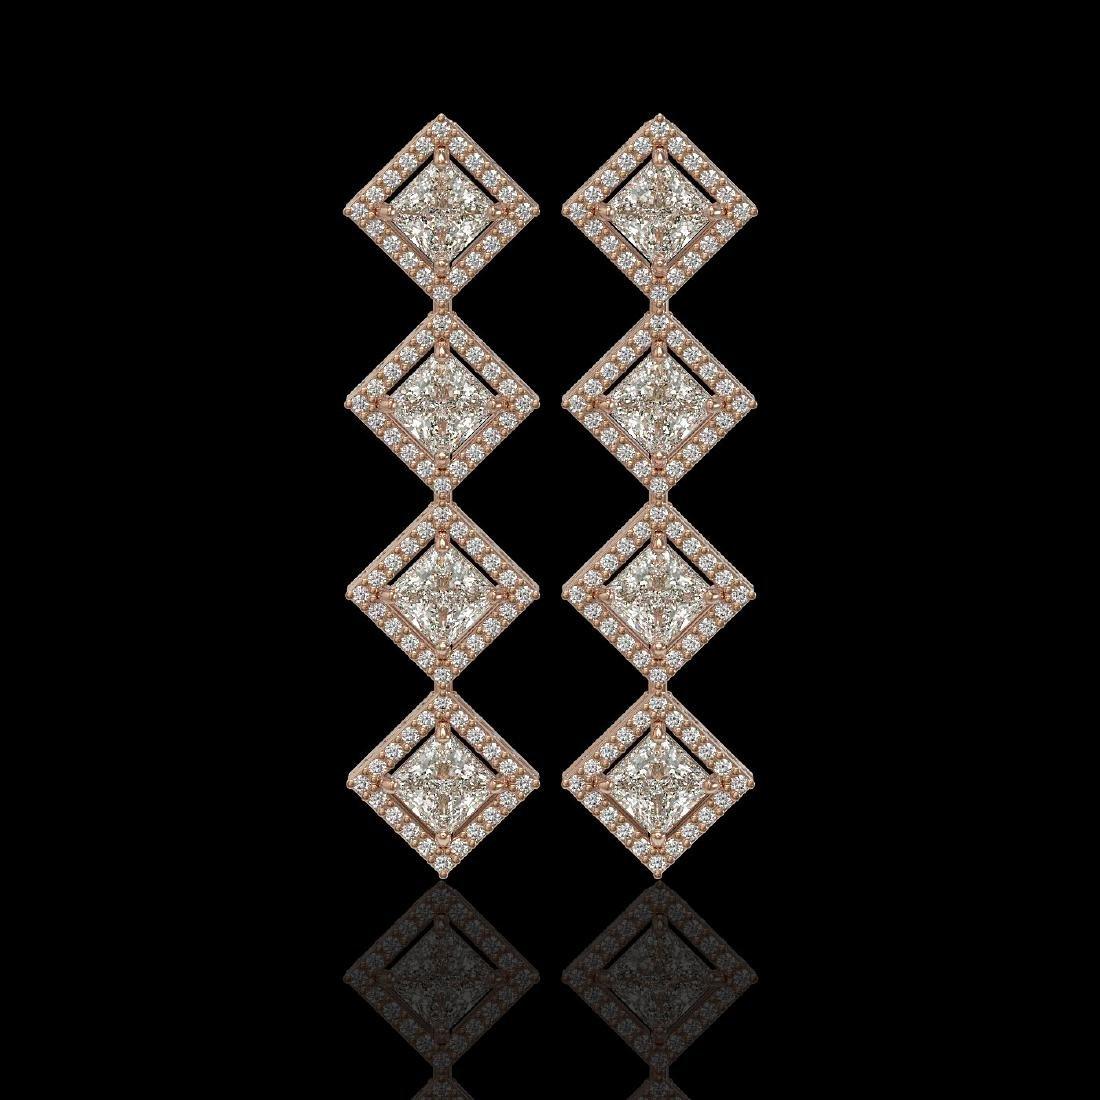 5.31 CTW Princess Cut Diamond Designer Earrings 18K